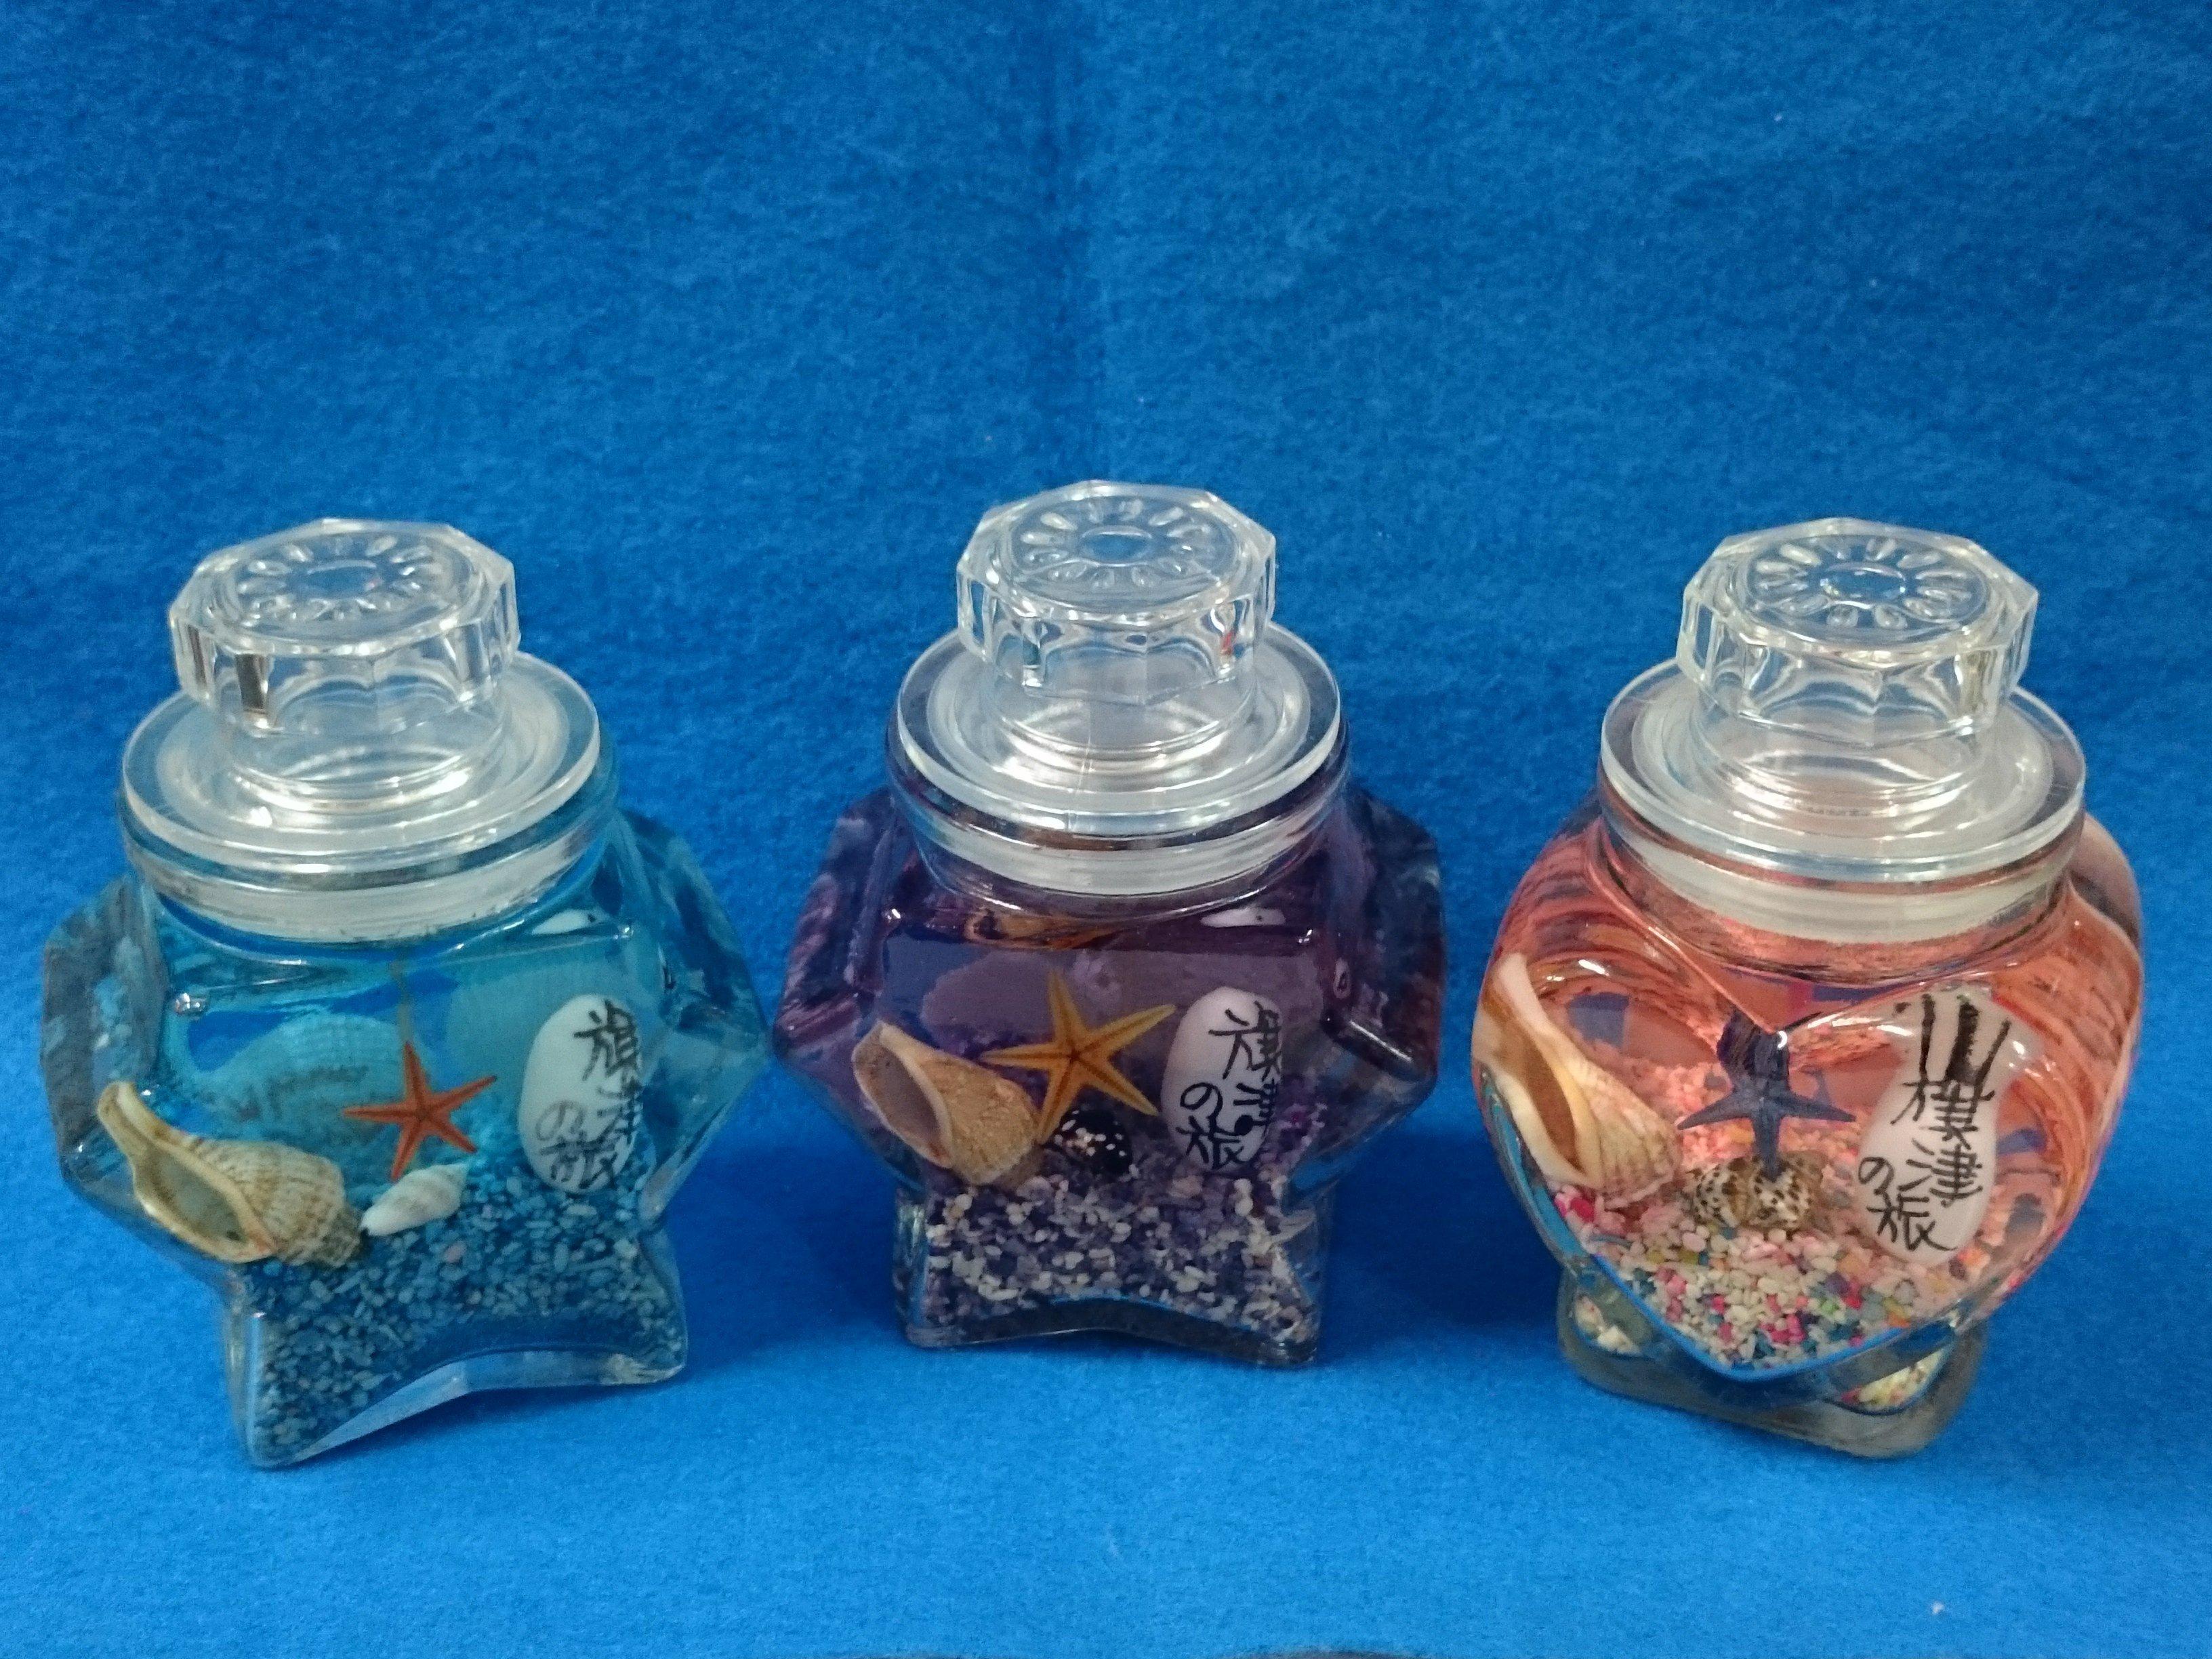 【鑫寶貝】貝殼DIY 小愛心 DIY 果凍臘套件組 (08.紅)(含紙盒、果凍蠟、砂、貝殼、燭芯) 不同顏色有不同味道